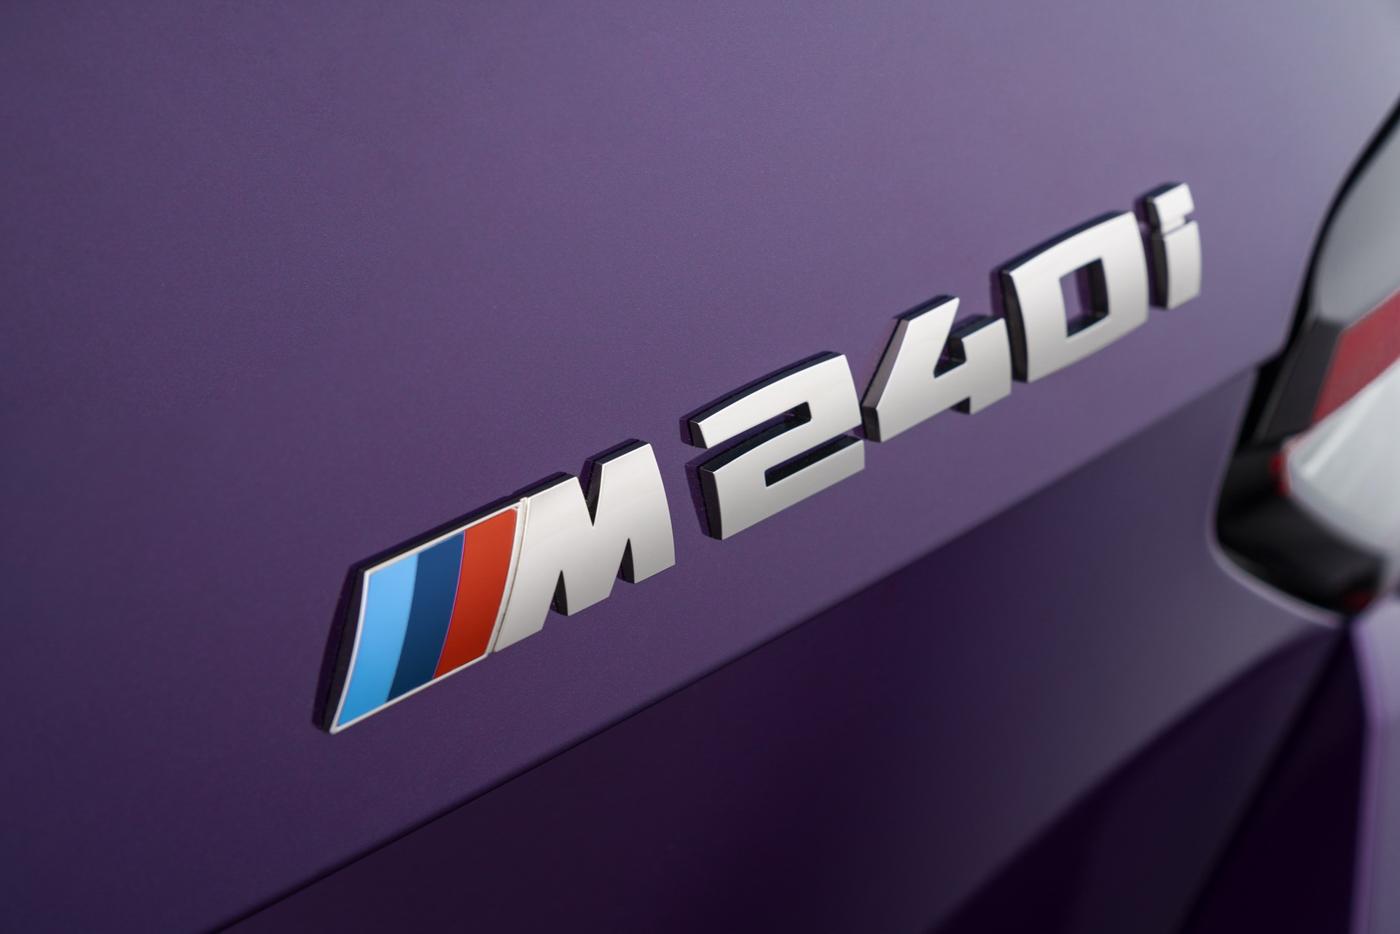 BMW-2-series-2022-ra-mắt-với-giá-bán-từ-36350-usd-13.jpg